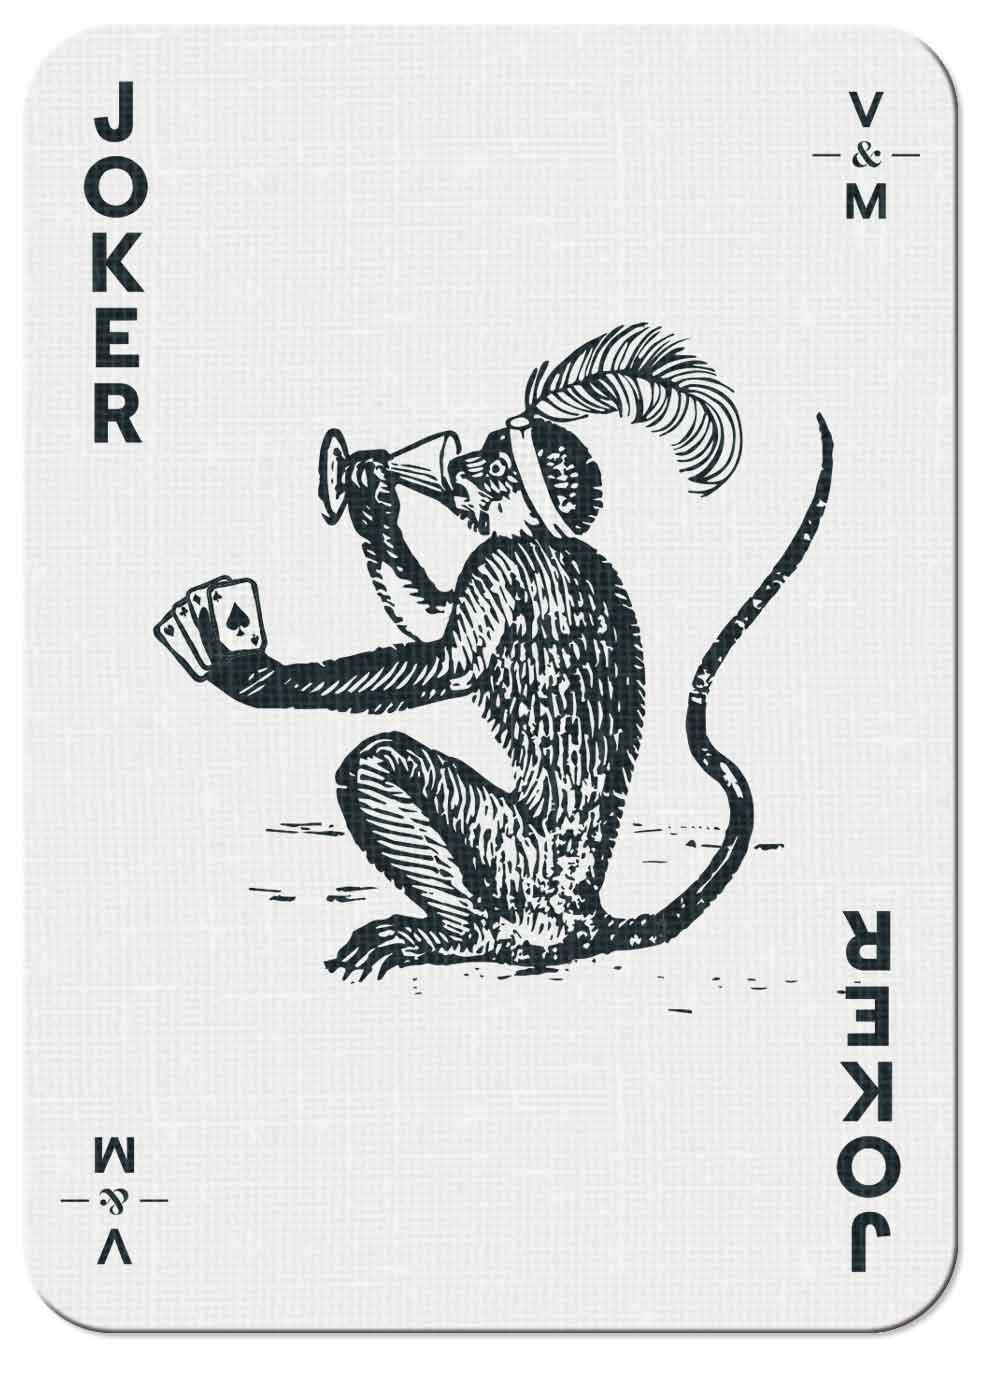 Vin-try & Mercer playing card —Joker 02